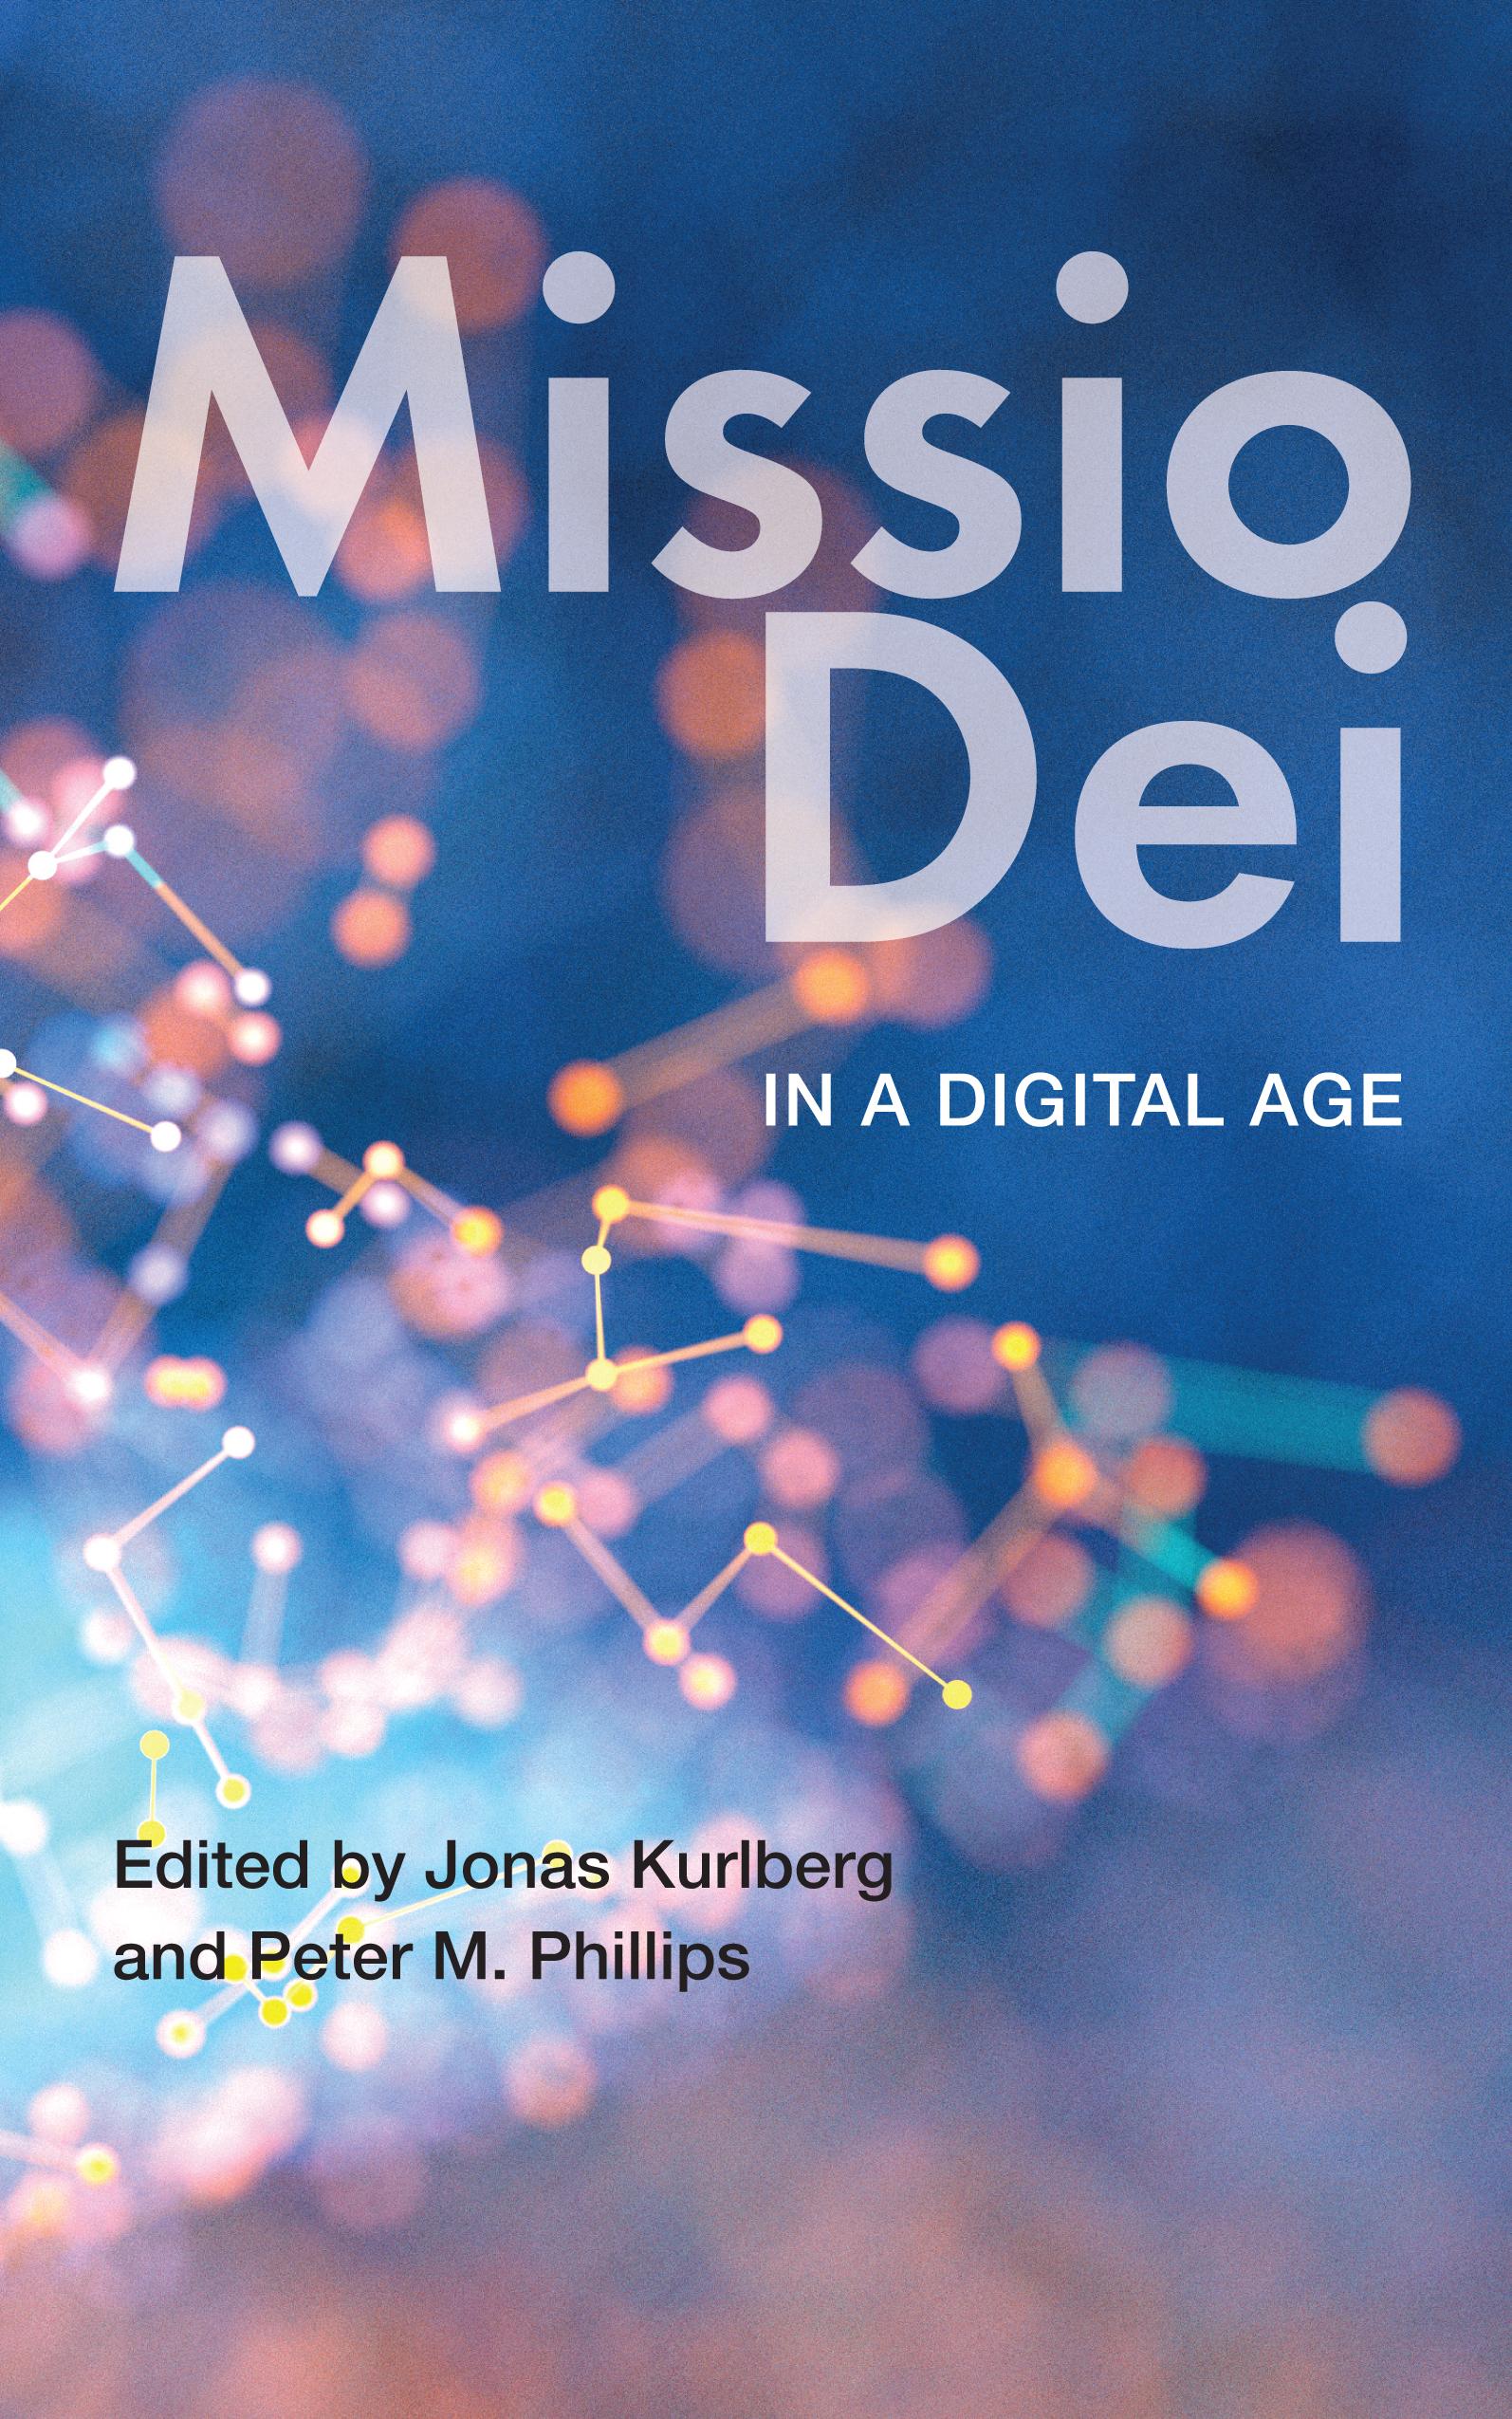 missio dei in digital age cover